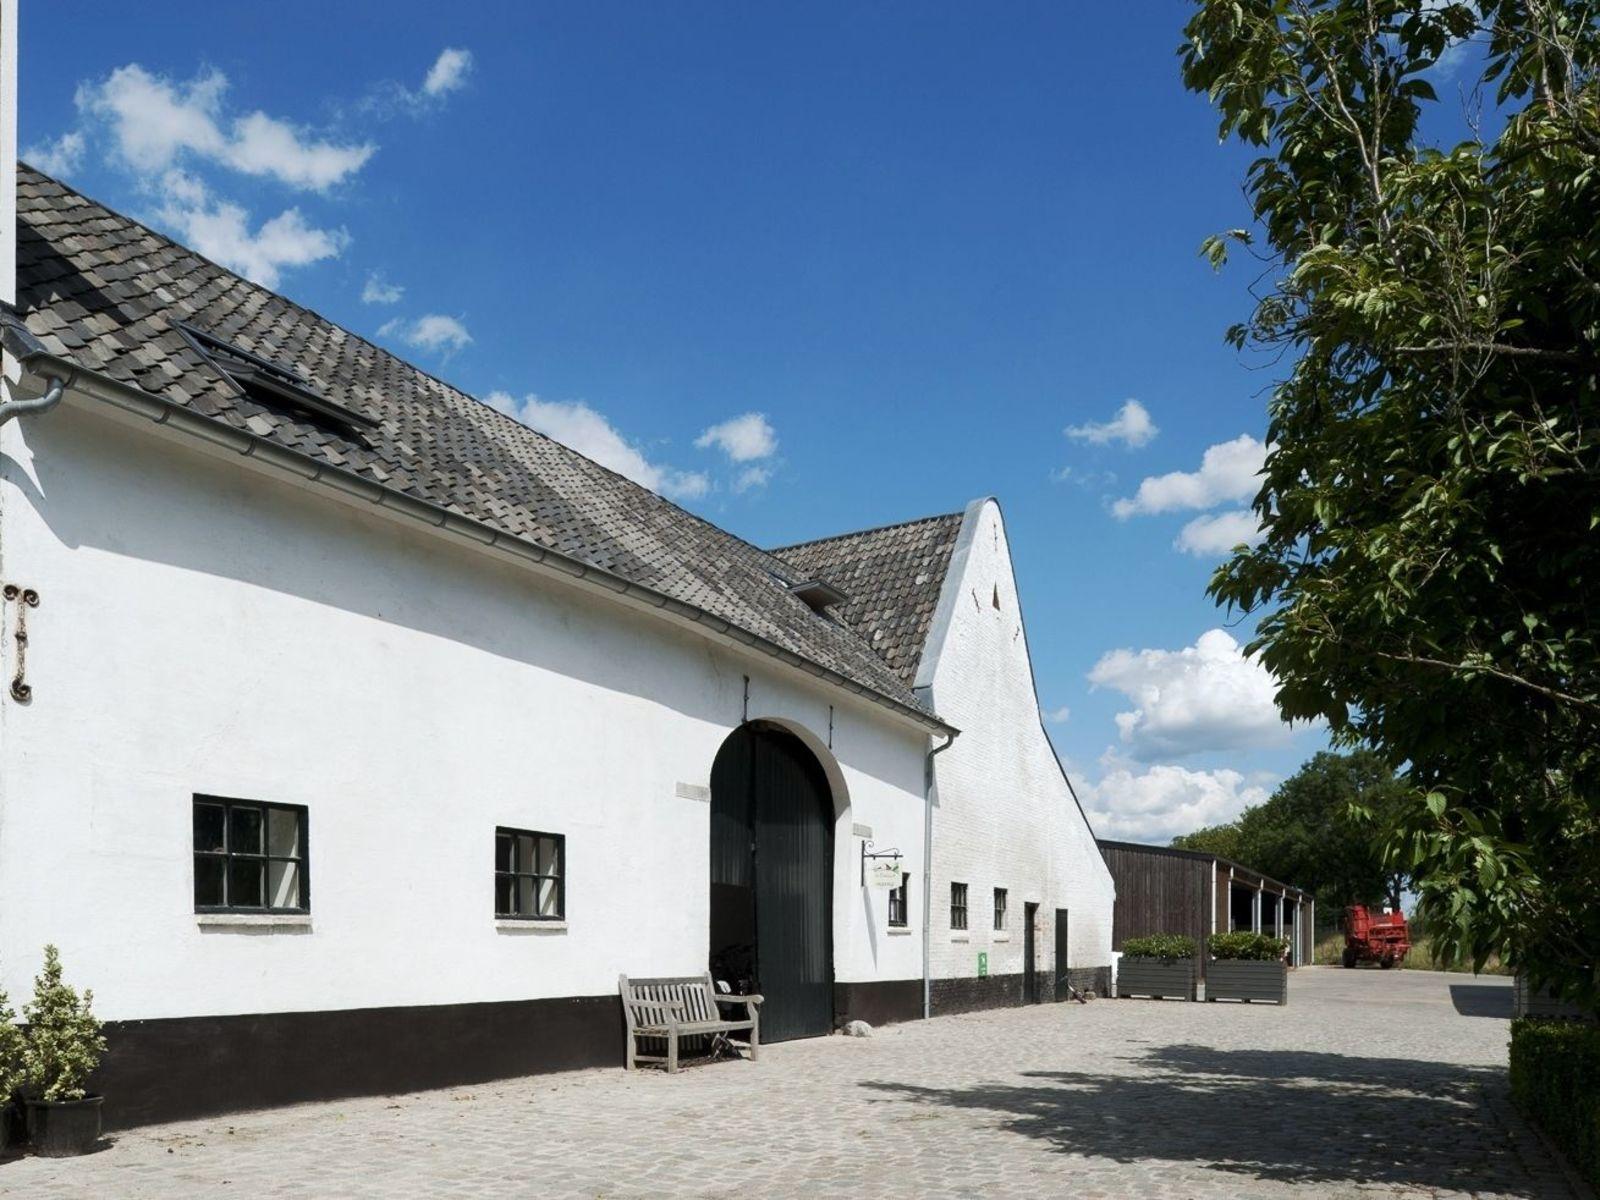 Caberger Hoeve Loft 1 - weekendje weg Zuid-Limburg